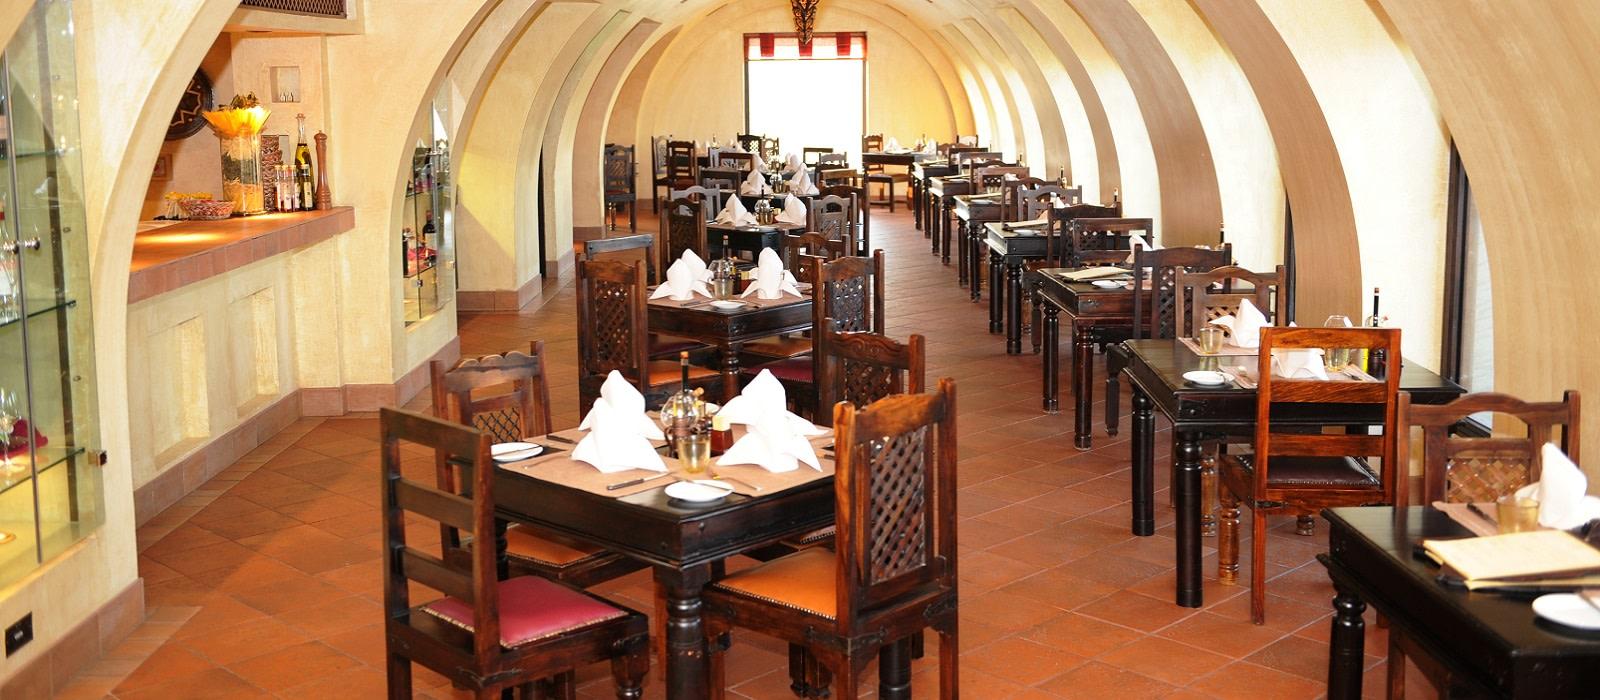 Hotel Bab Al Shams Desert Resort & Spa Vereinigte Arabische Emirate